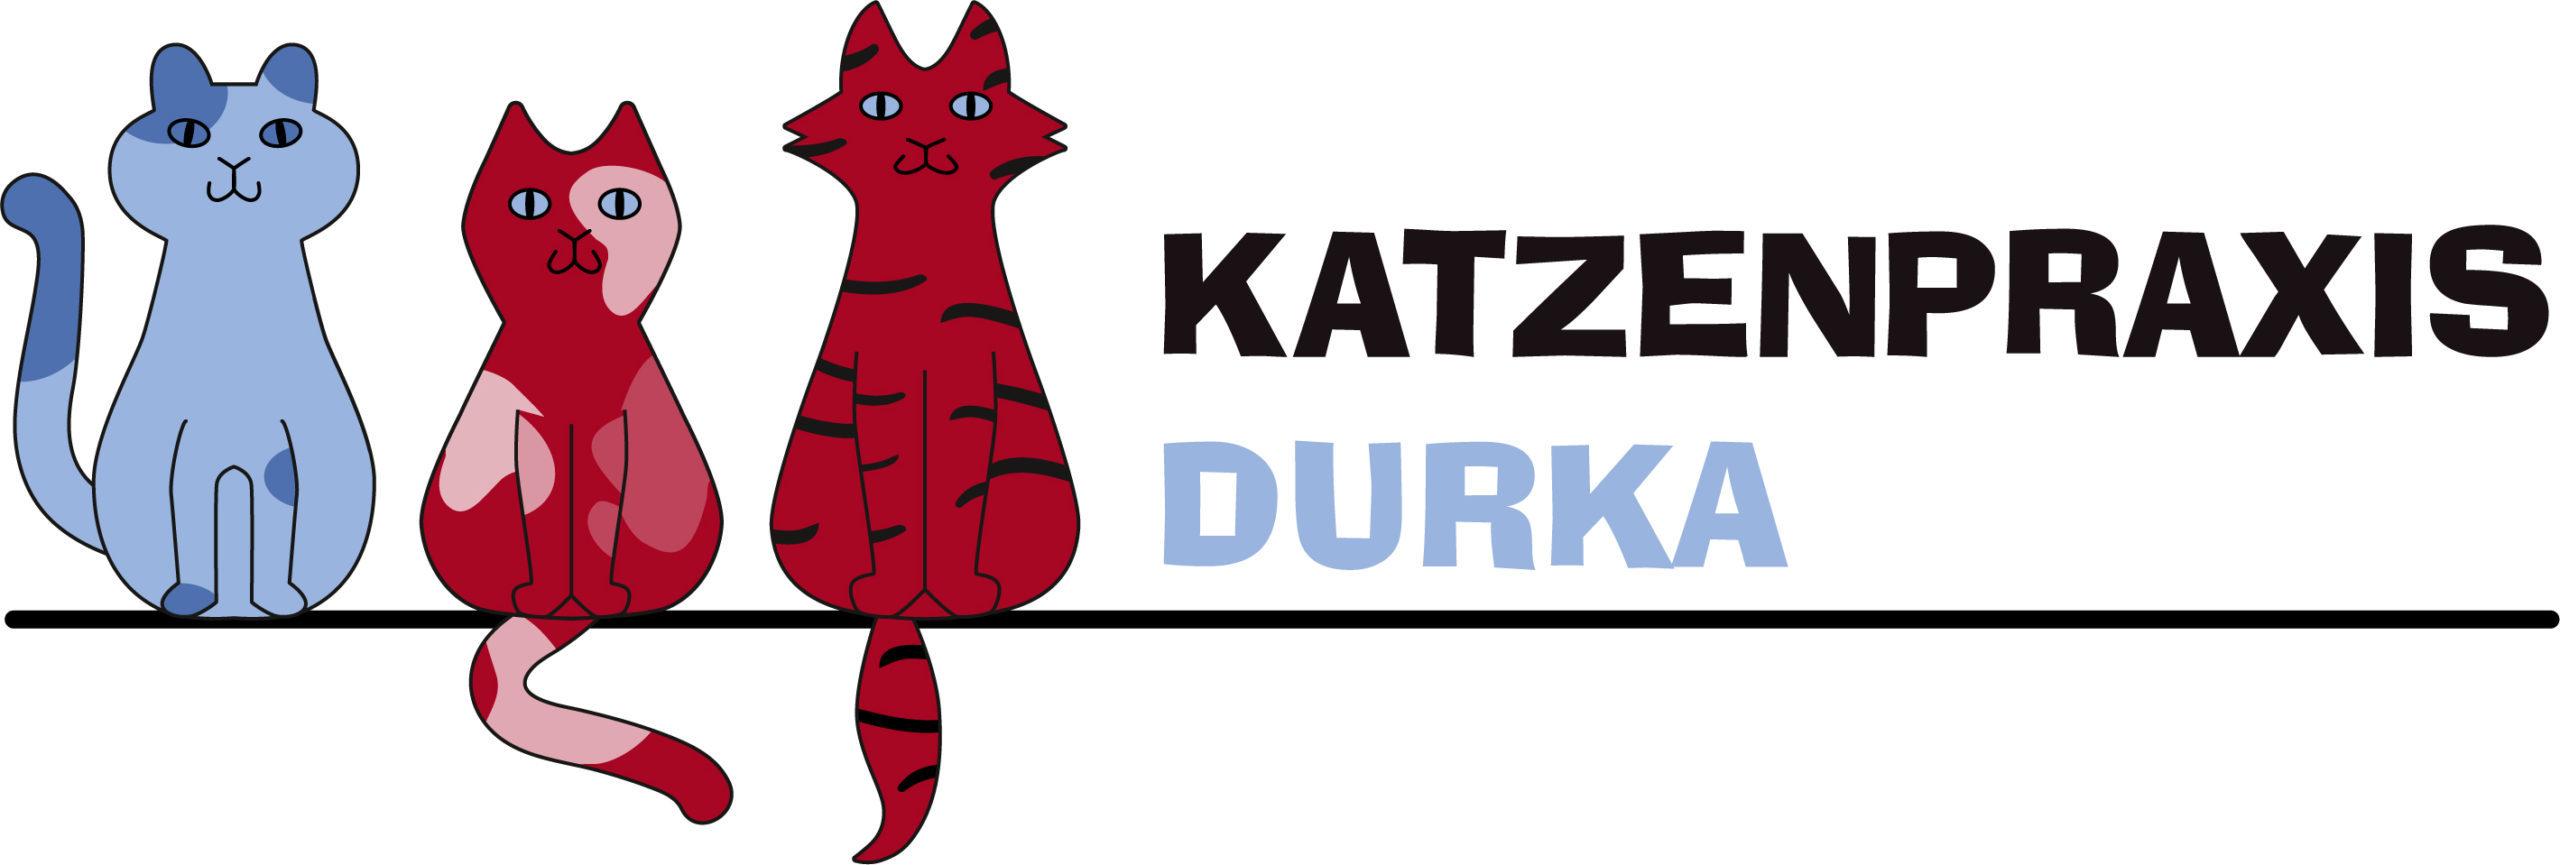 Katzenpraxis Durka